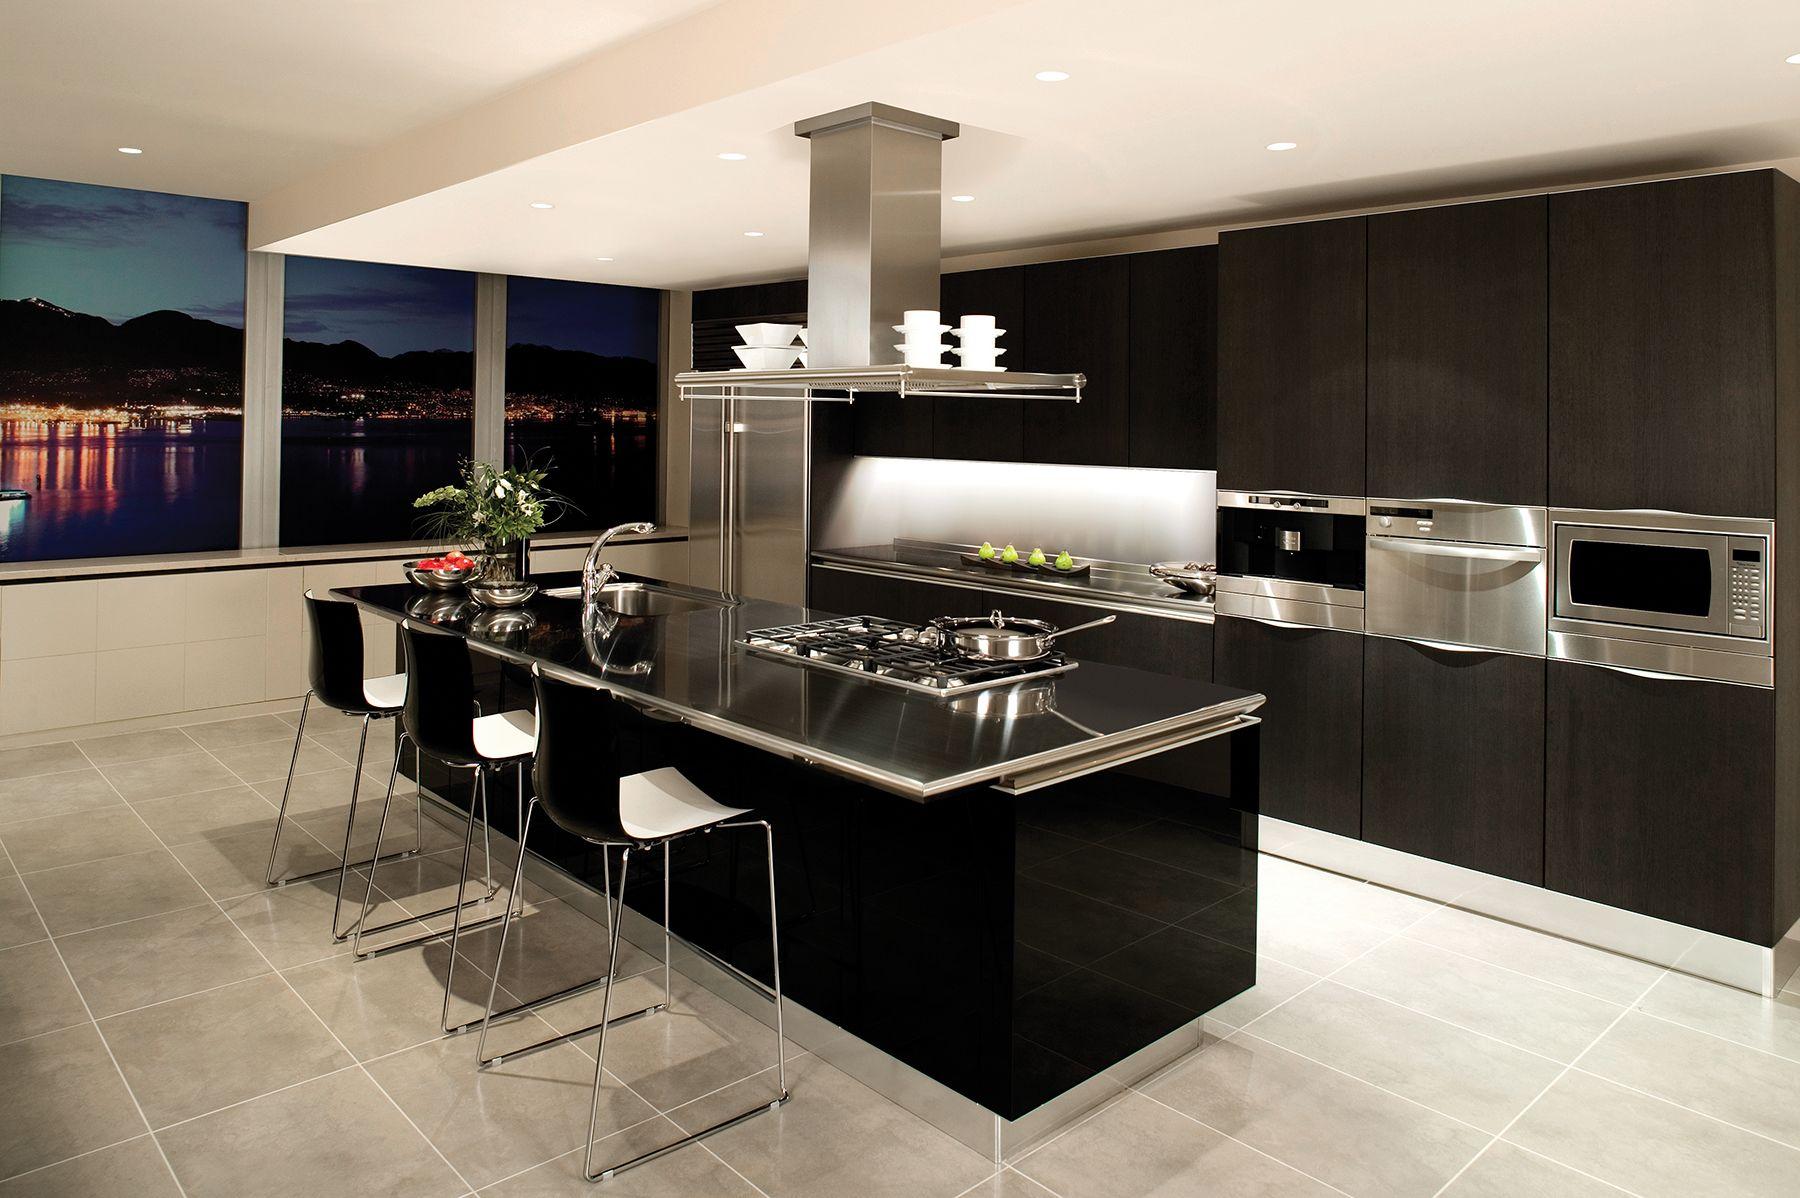 100 residential led lighting ideas